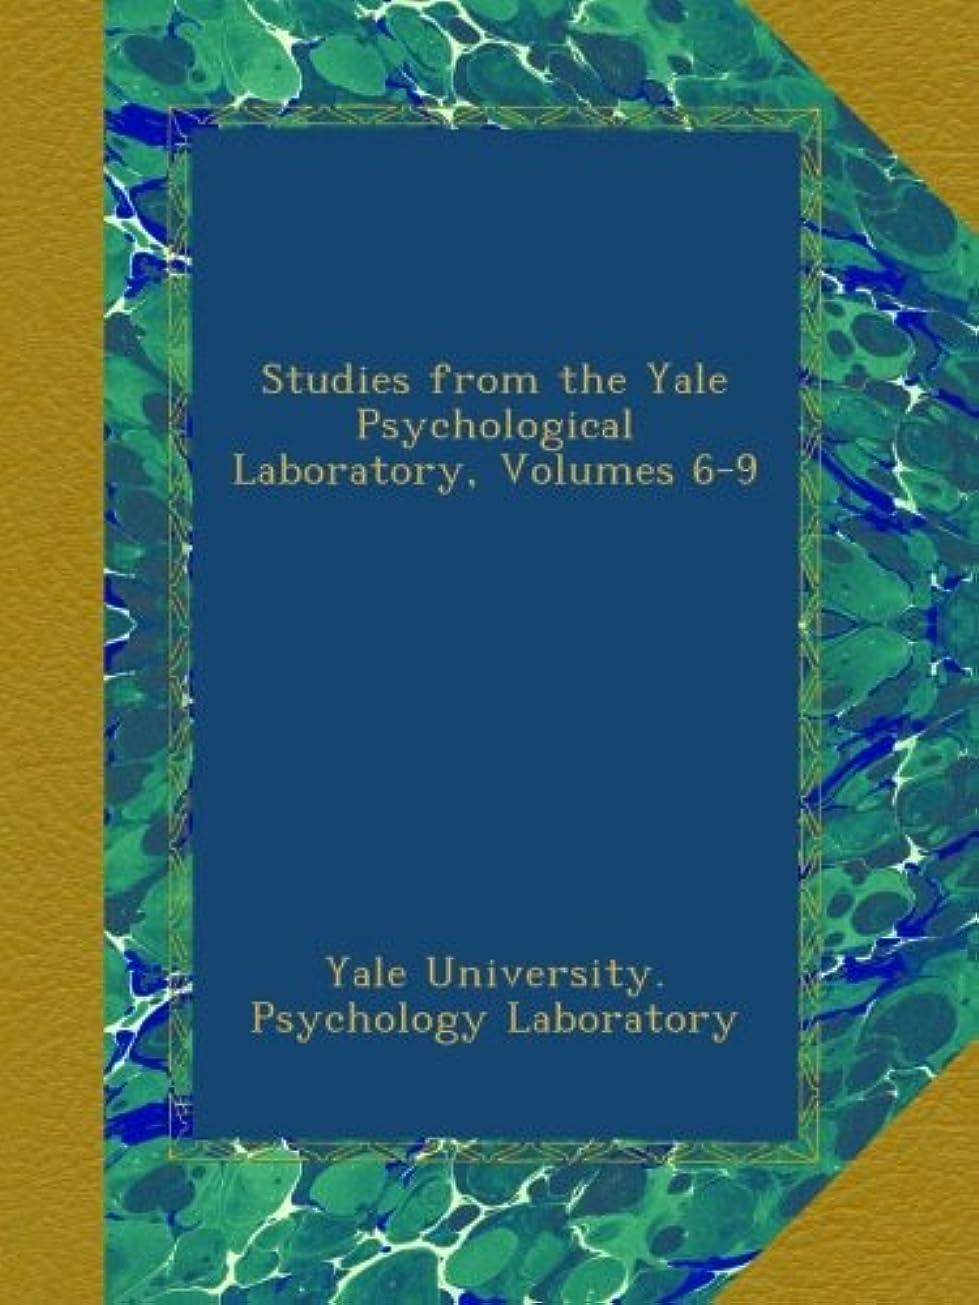 所得つかいます抑止するStudies from the Yale Psychological Laboratory, Volumes 6-9